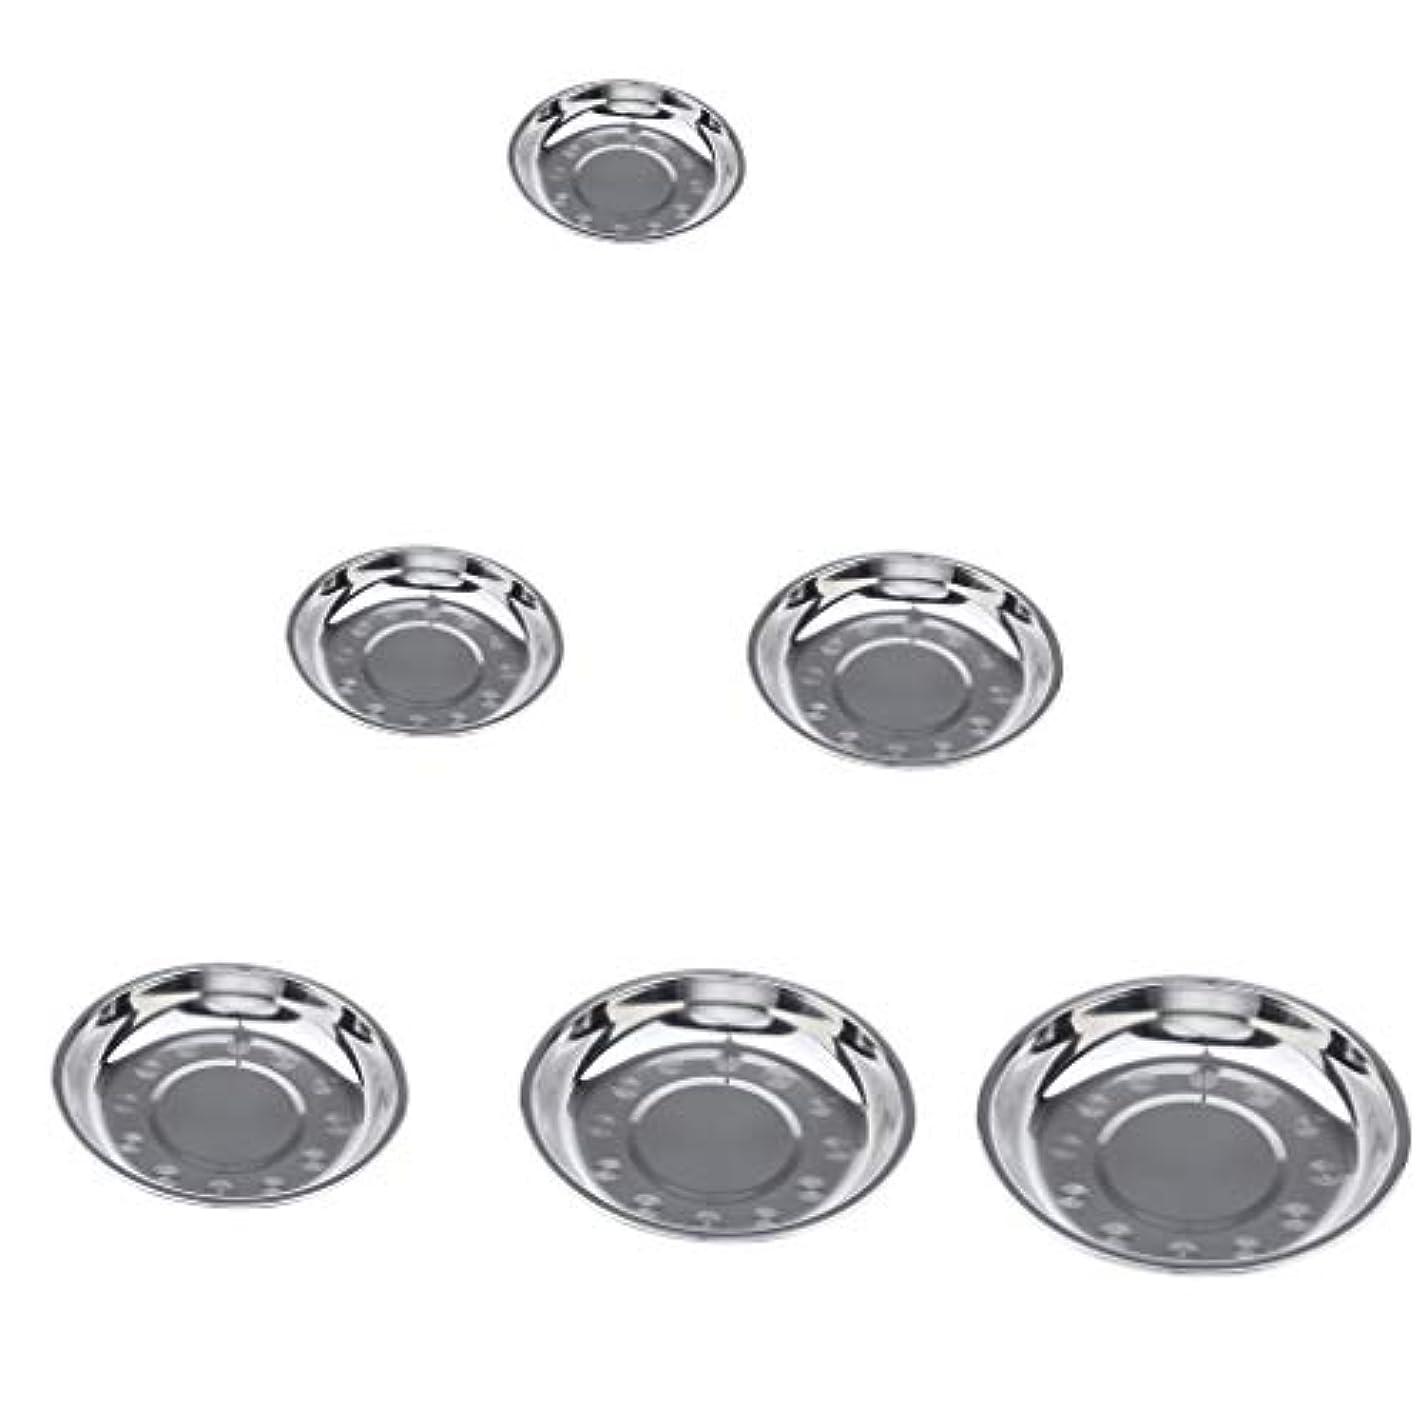 校長法医学優遇D DOLITY 6個 ステンレス鋼 プレート 皿 キャンプ ピクニック用 食器